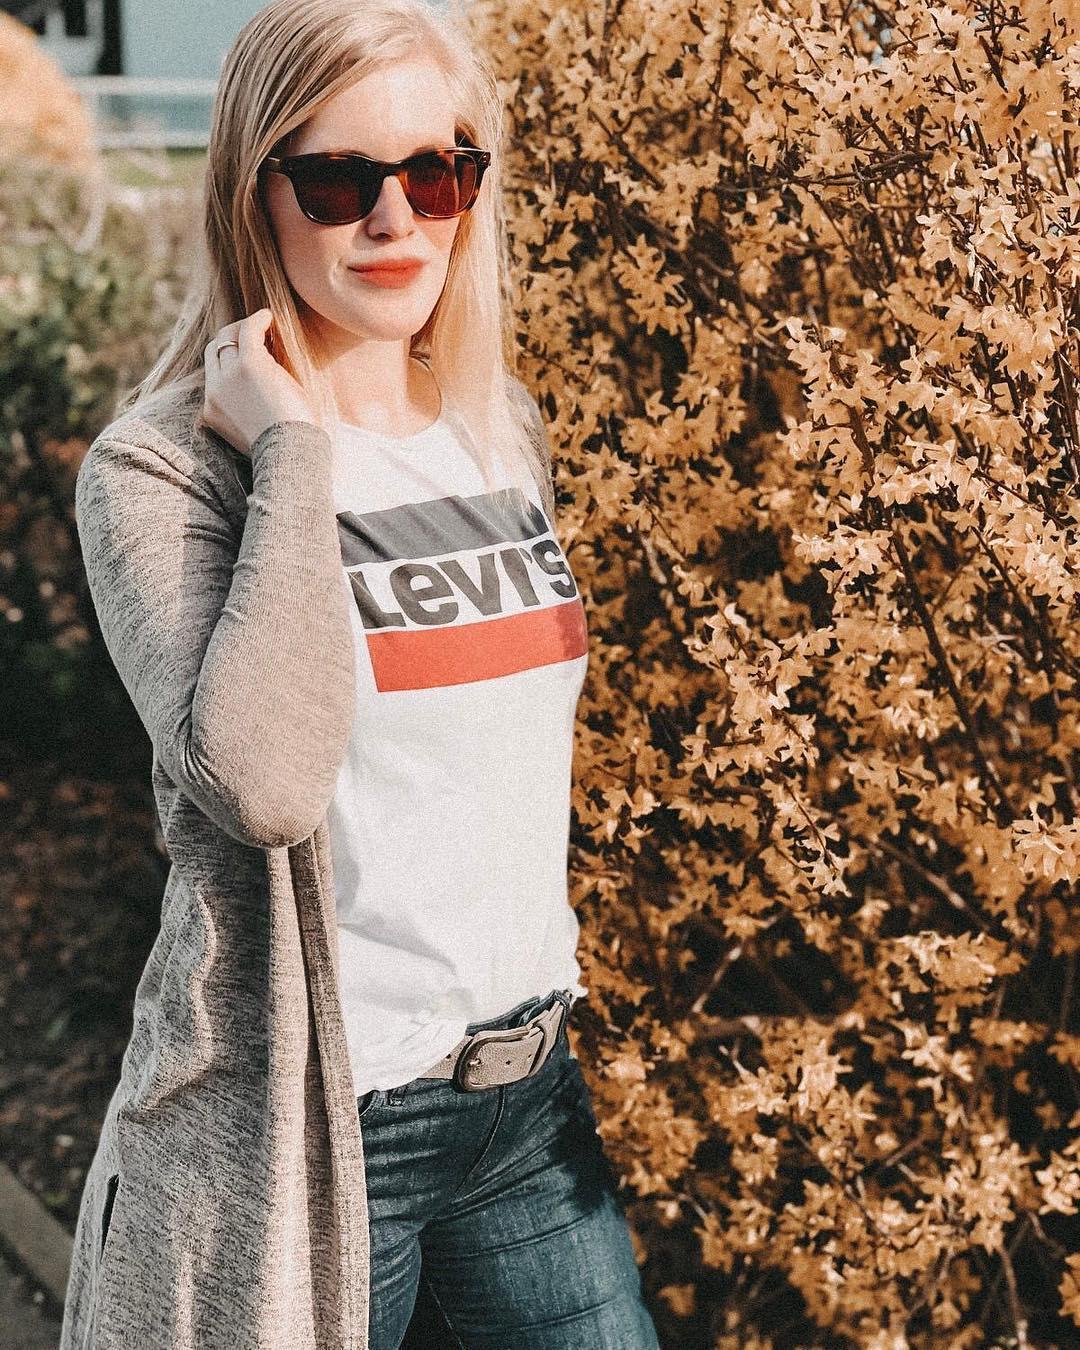 white girls levis t-shirt de Les Bourgeoises sur becky_doubleu